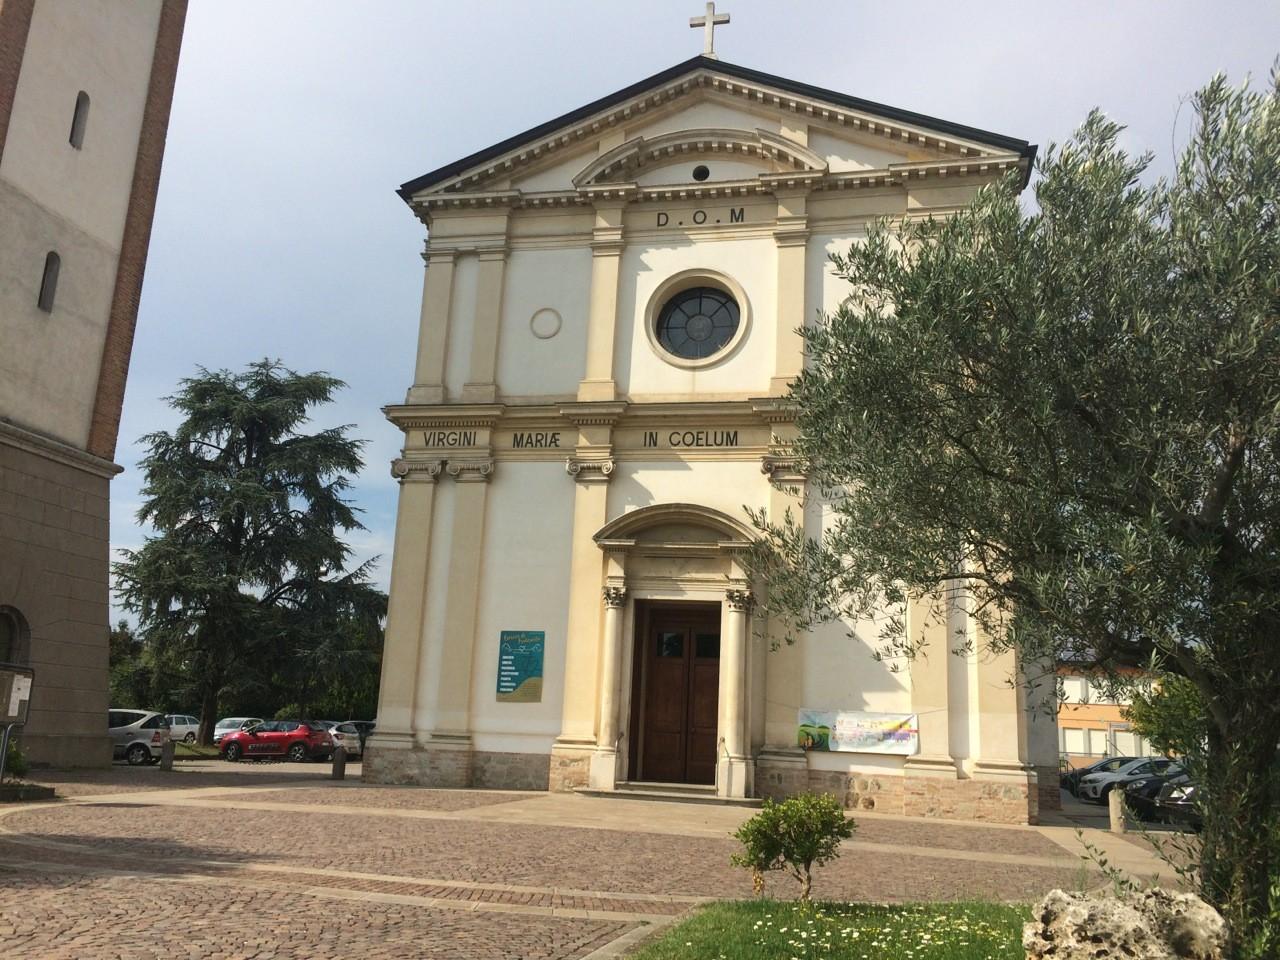 Chiese Romantiche Padova Chiesanuova Padova